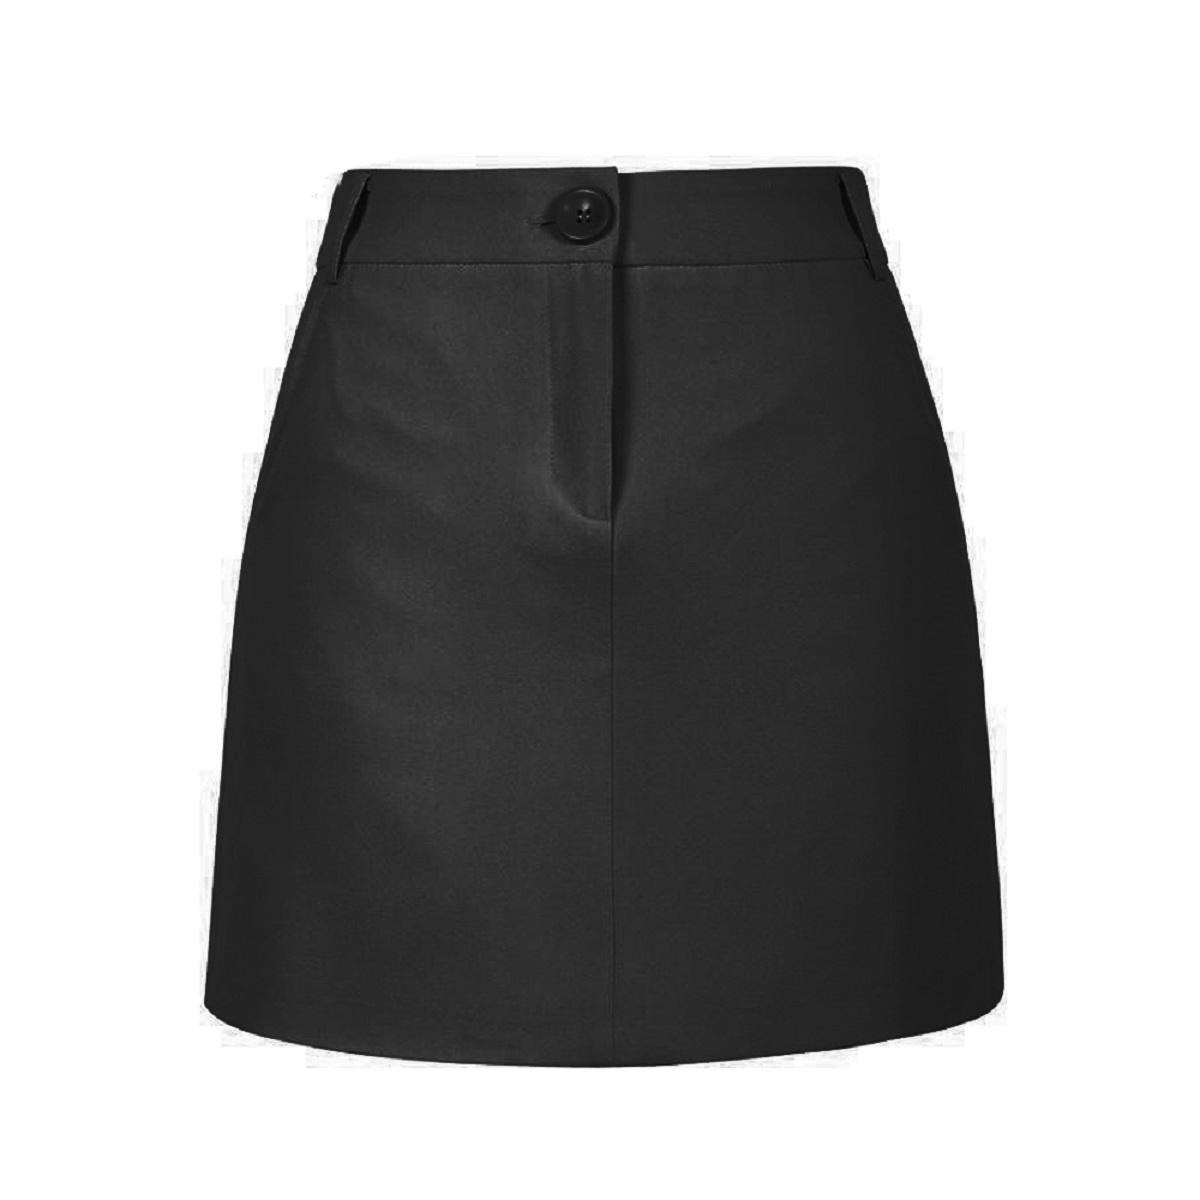 Kiểu dáng chân váy phổ biến mang đến sự thoải mái cho nhân viên khối văn phòng